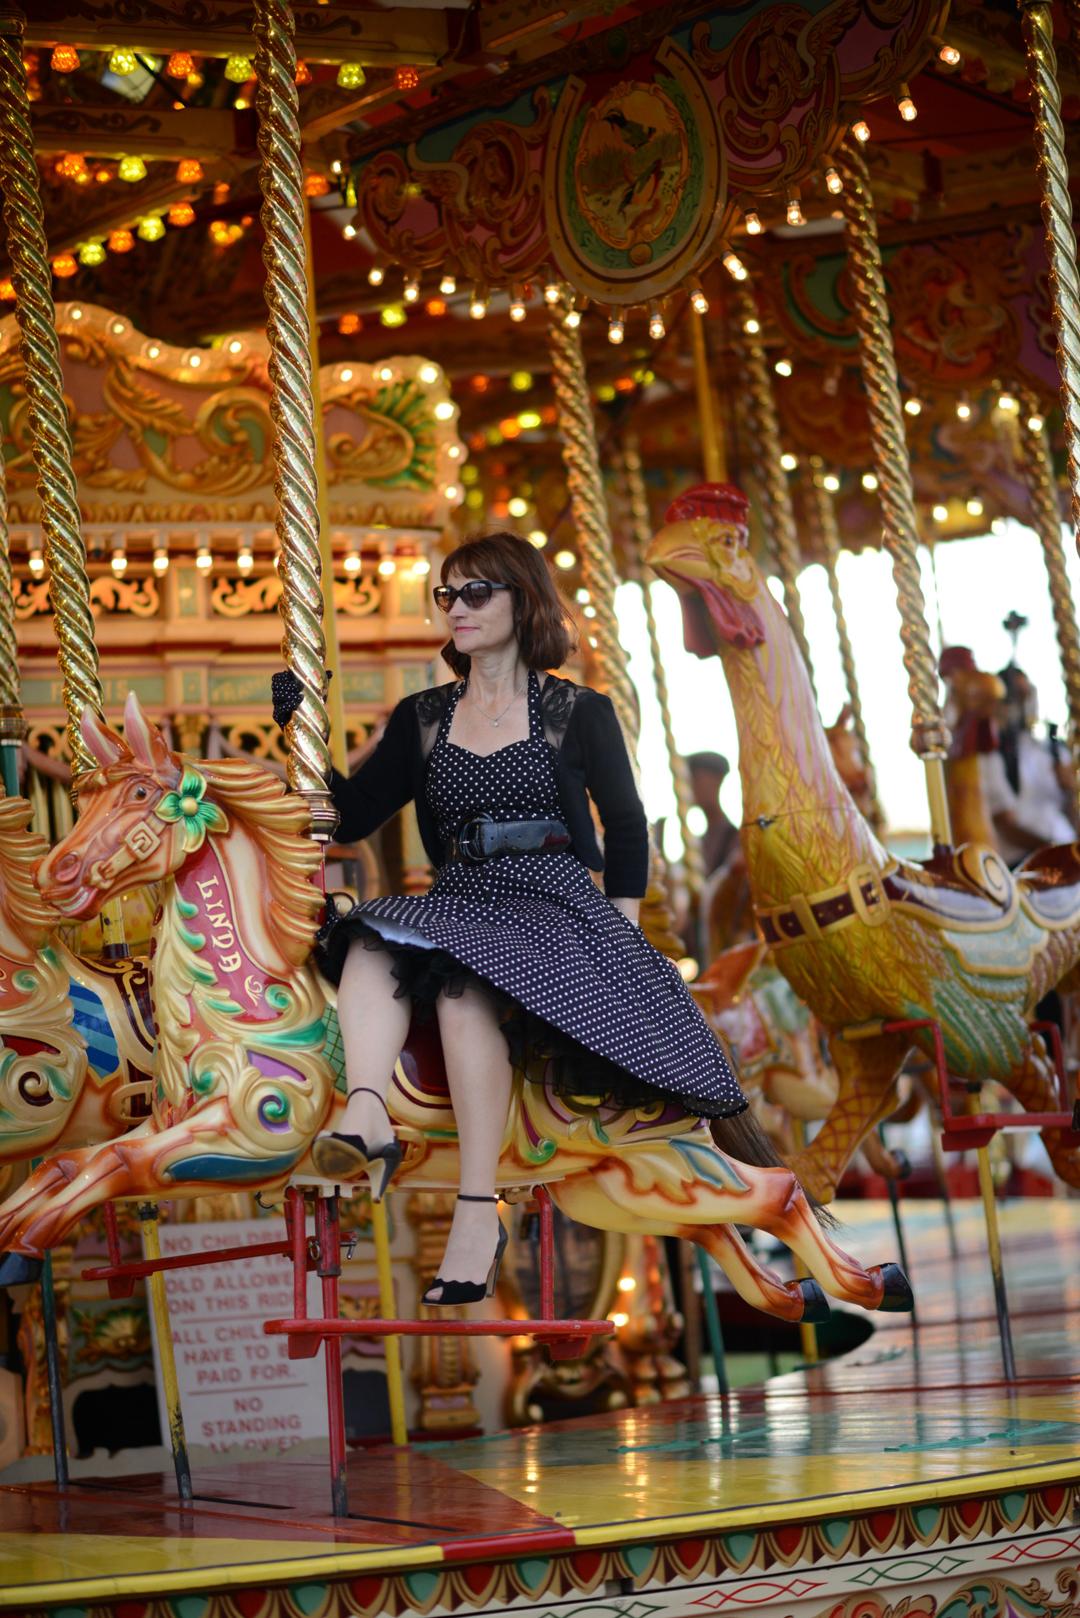 goodwood revival 2016 fun fair photograph by sara delaney